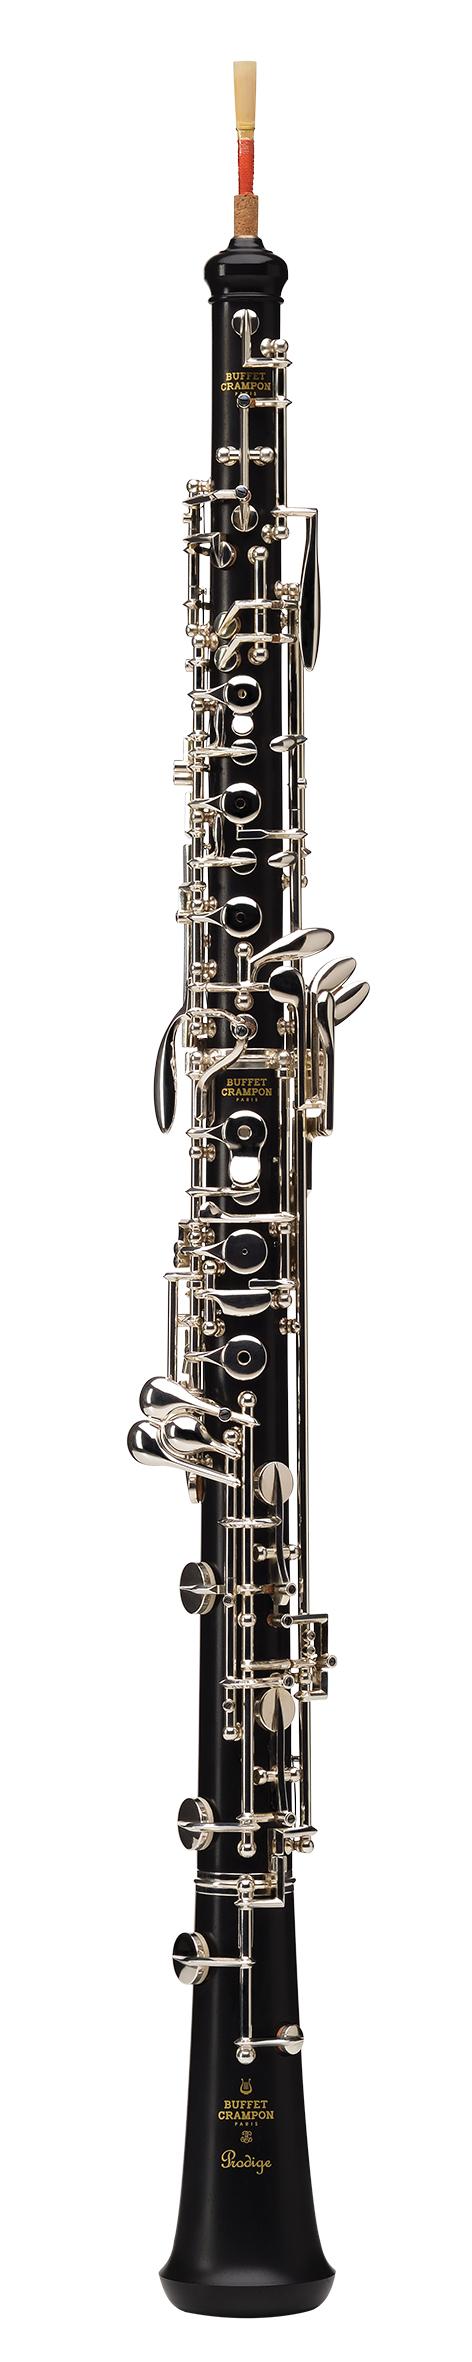 Buffet - BC - 4062 - 2 - 0 - Holzblasinstrumente - Oboen und Englischhörner | MUSIK BERTRAM Deutschland Freiburg